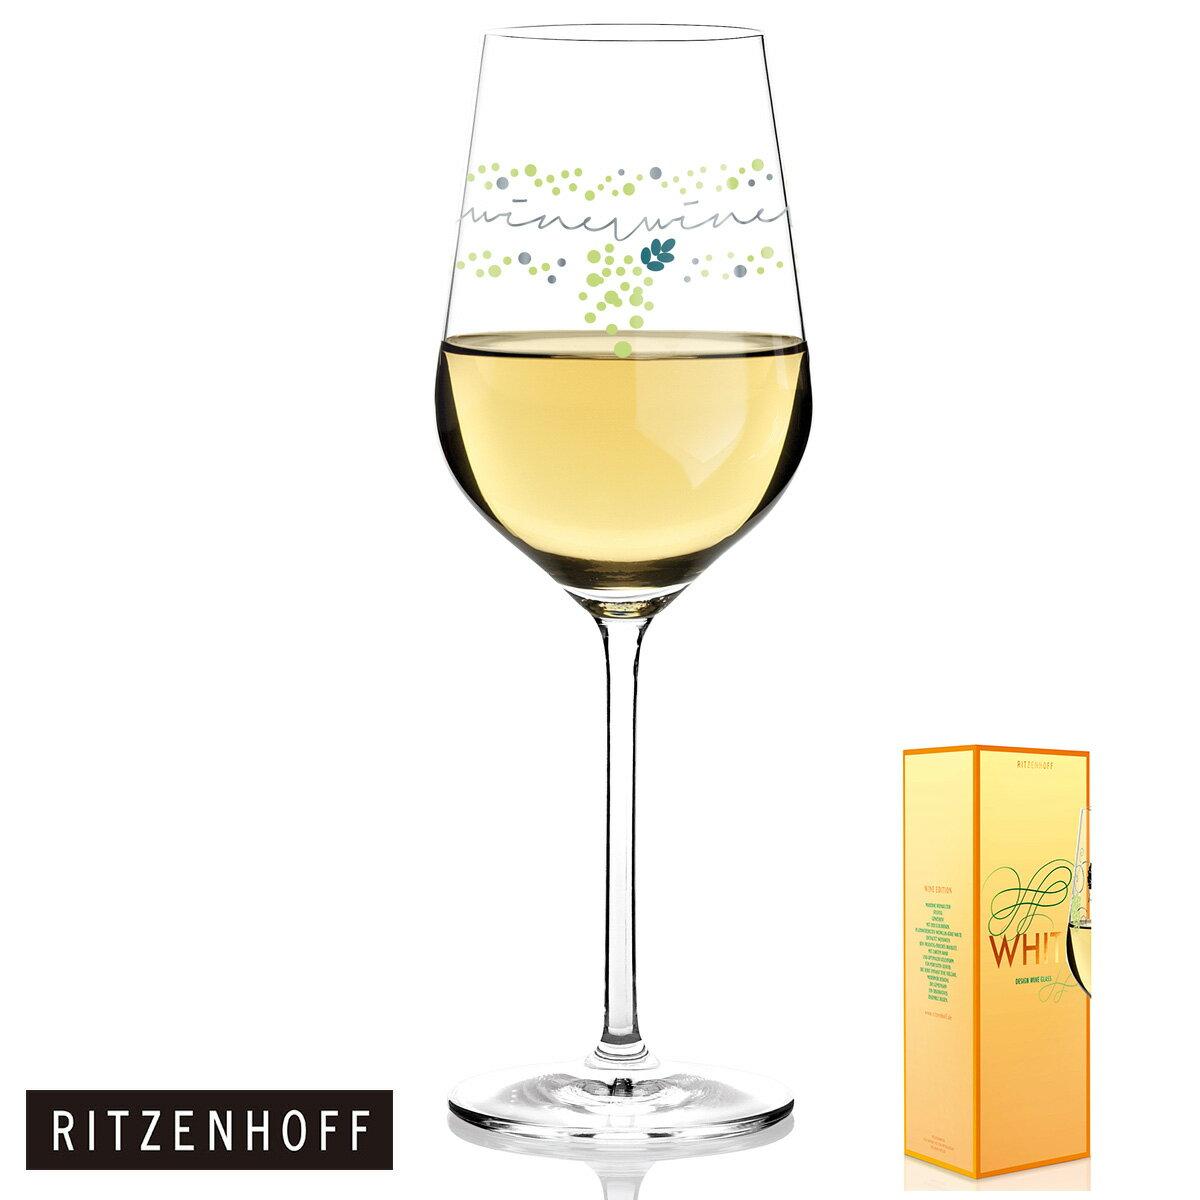 【ポイント20倍】RITZENHOFF リッツェンホフ WINE WHITE ワイン ホワイト ワイングラス (83010021-Monica Albini)グラス 白ワイン プレゼント 贈り物 ギフト ブライダルギフト【限定数】